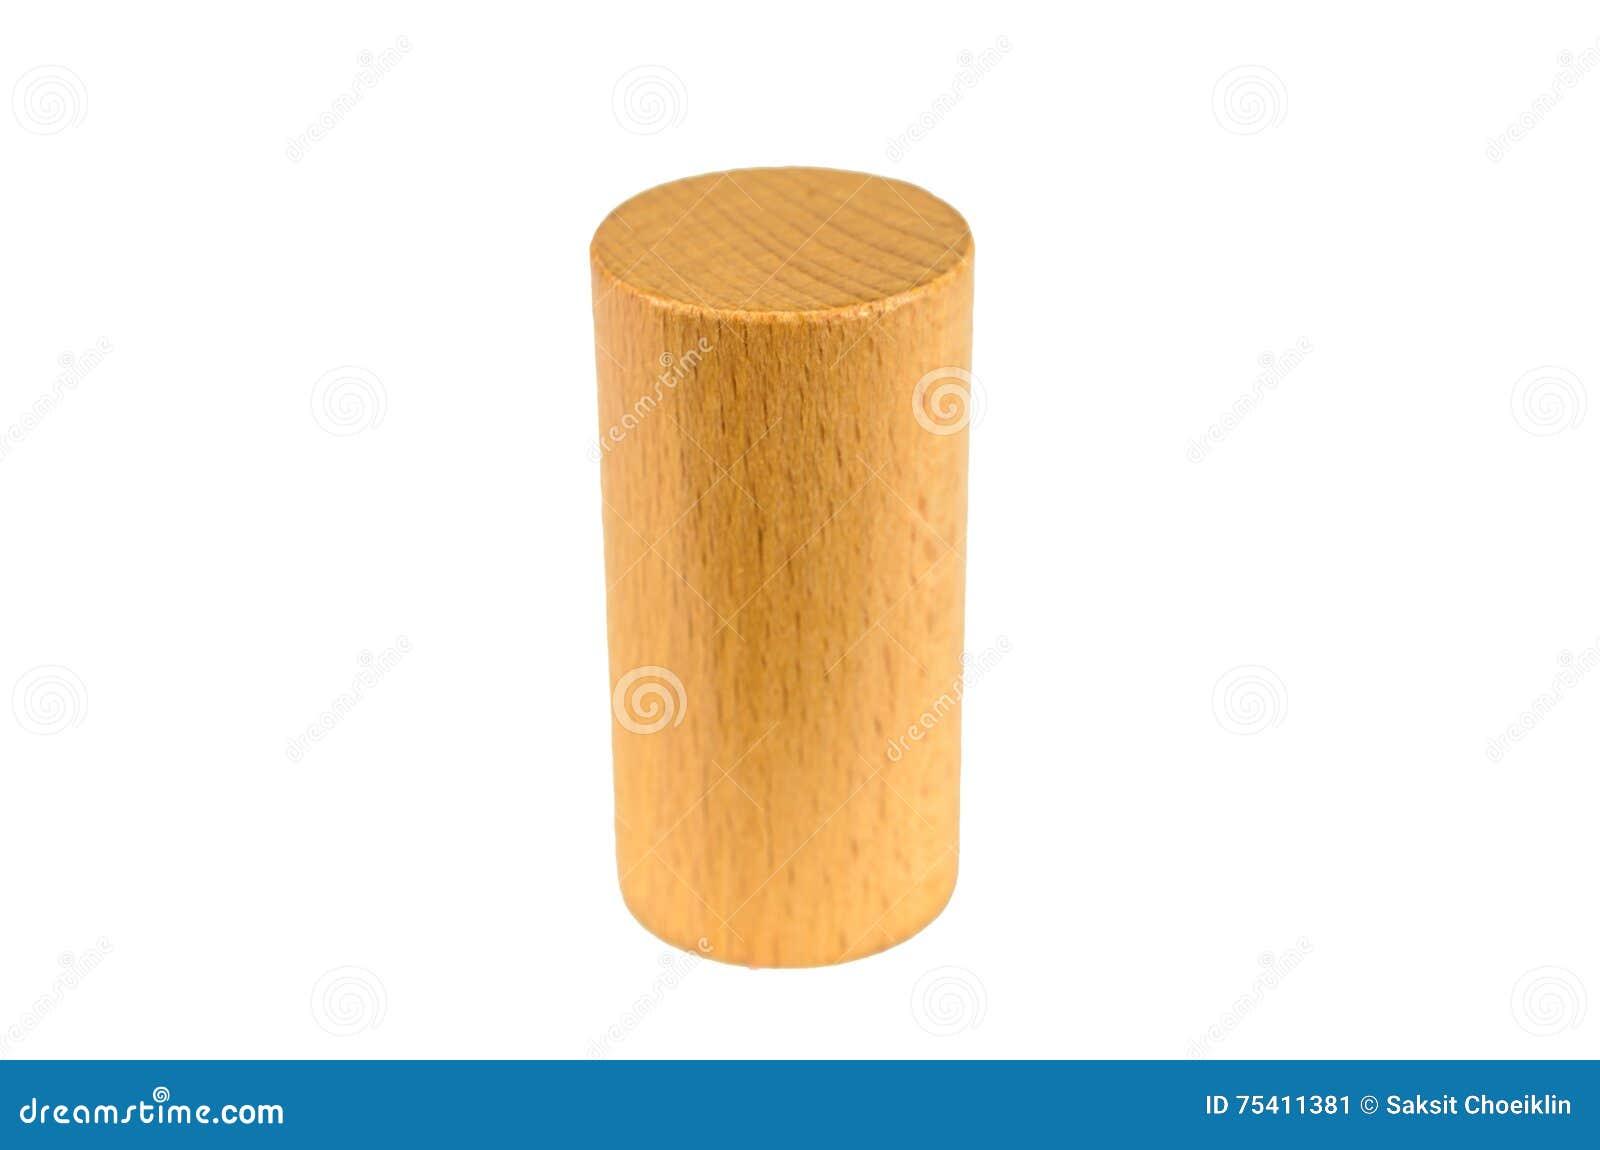 Wooden Block Cylinder Shape Stock Image - Image: 75411381